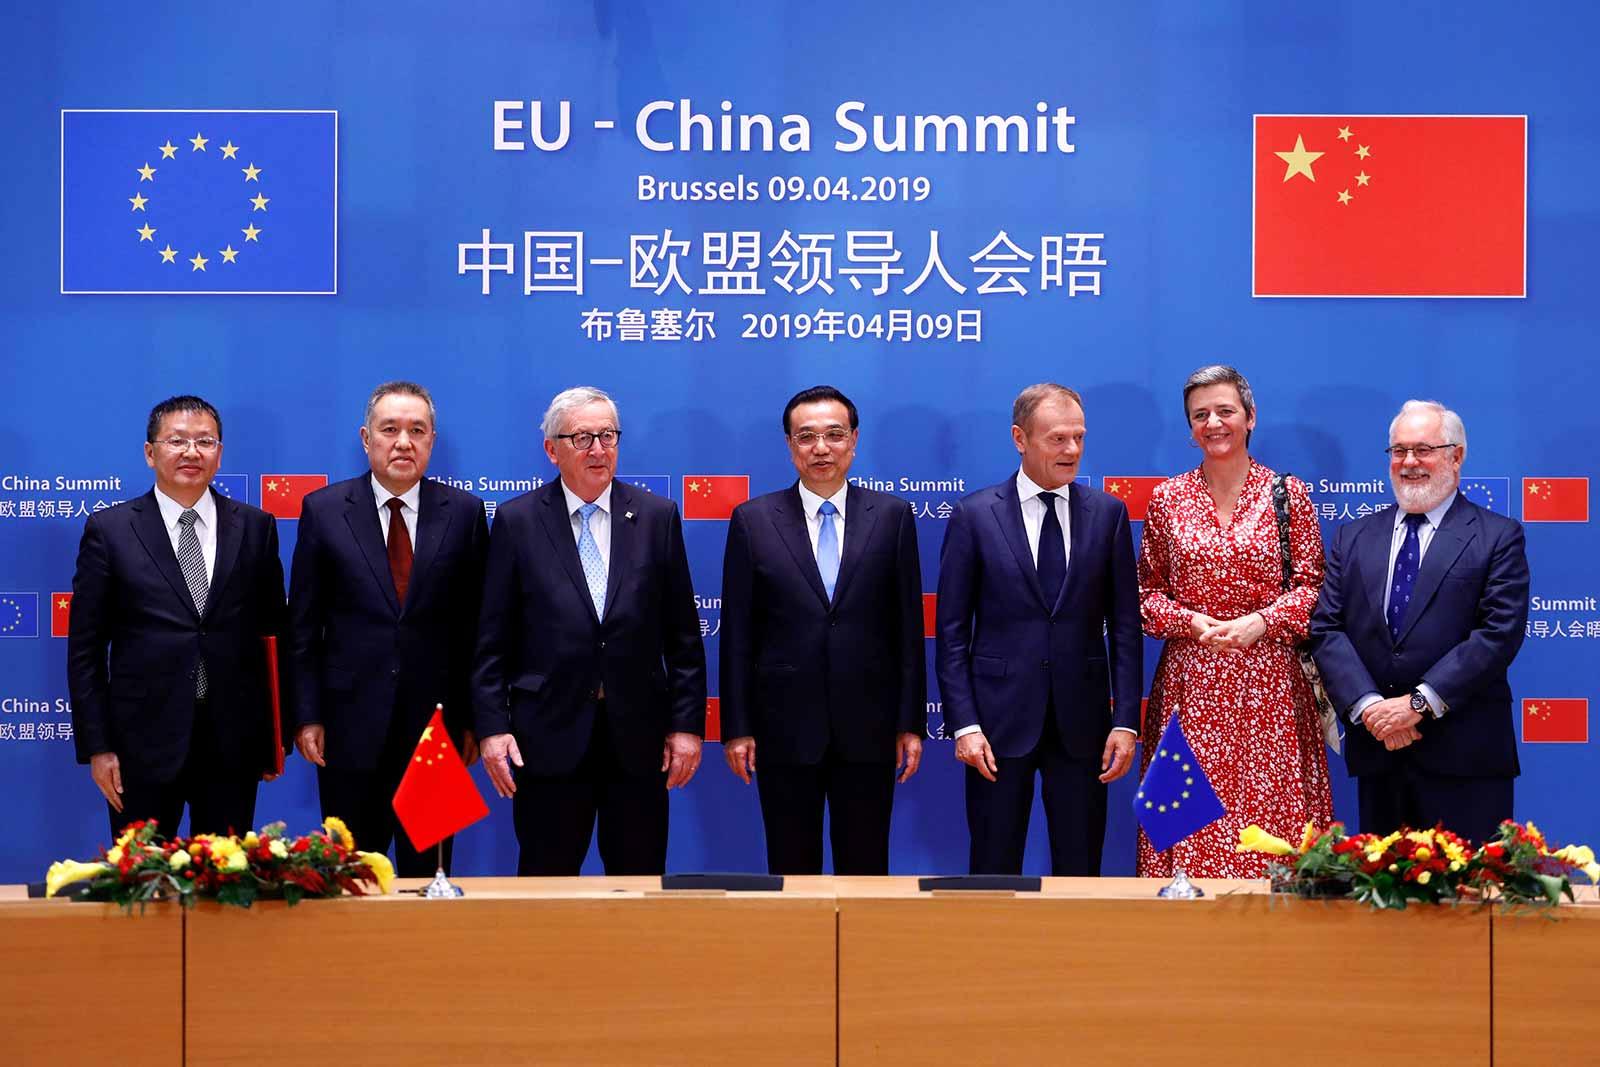 Resultado de imagen para eu china summit 2019